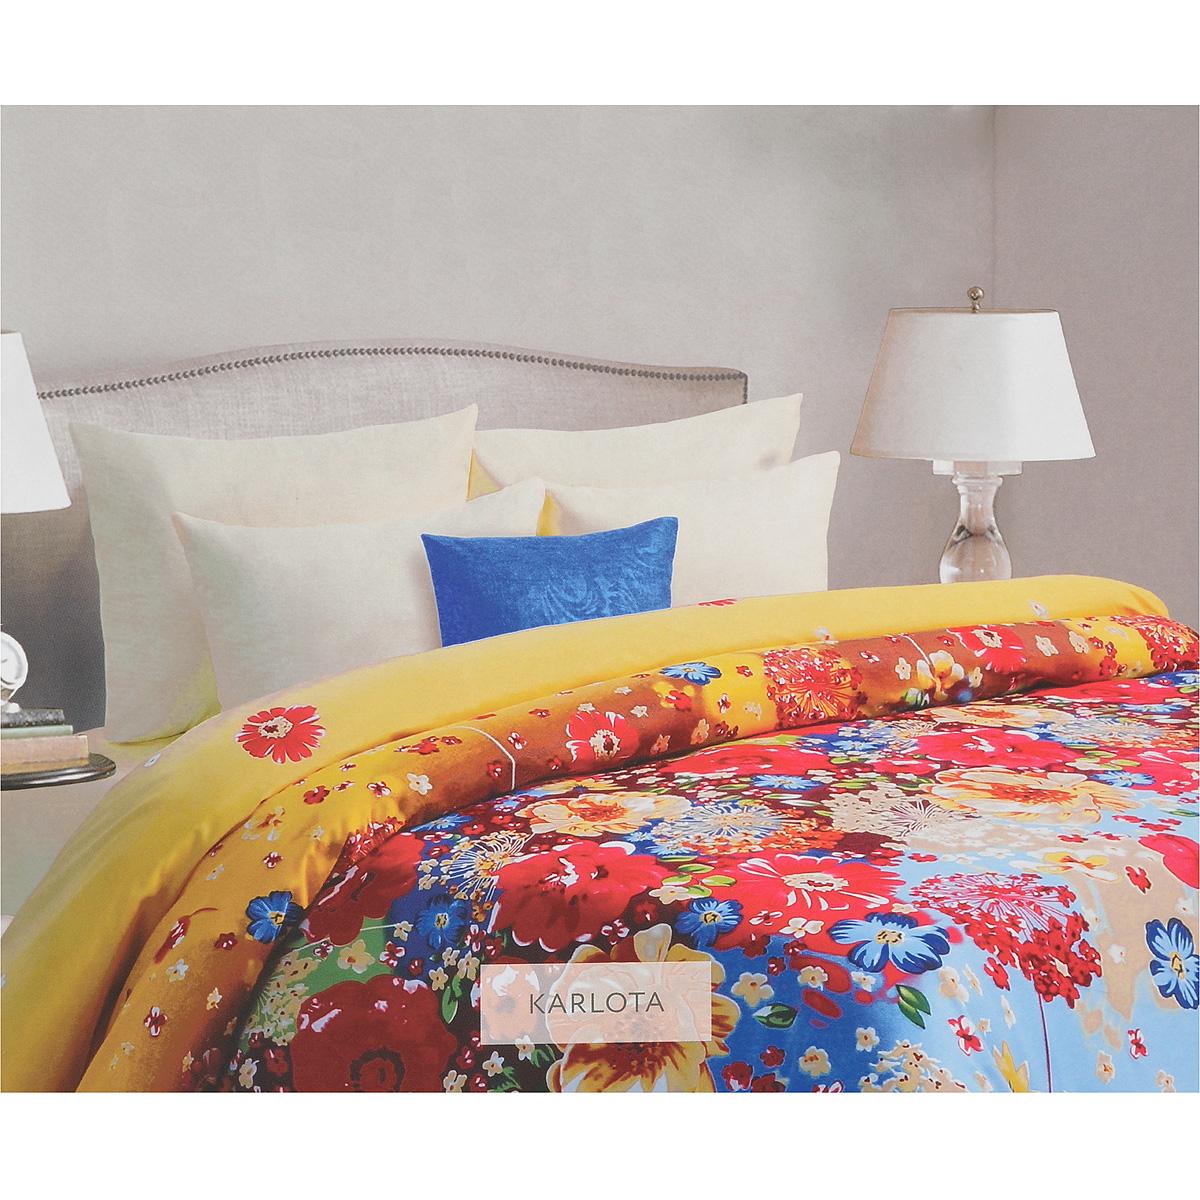 Комплект белья Mona Liza Karlota, евро, наволочки 70х70, цвет: желтый, голубой. 562109/5562109/5Комплект белья Mona Liza Karlota, выполненный из батиста (100% хлопок), состоит из пододеяльника, простыни и двух наволочек. Изделия оформлены красивым цветочным рисунком. Батист - тонкая, легкая натуральная ткань полотняного переплетения. Ткань с незначительной сминаемостью, хорошо сохраняющая цвет при стирке, легкая, с прекрасными гигиеническими показателями. В комплект входит: Пододеяльник - 1 шт. Размер: 200 см х 220 см. Простыня - 1 шт. Размер: 215 см х 240 см. Наволочка - 2 шт. Размер: 70 см х 70 см. Рекомендации по уходу: - Ручная и машинная стирка 40°С, - Гладить при температуре не более 150°С, - Не использовать хлорсодержащие средства, - Щадящая сушка, - Не подвергать химчистке.